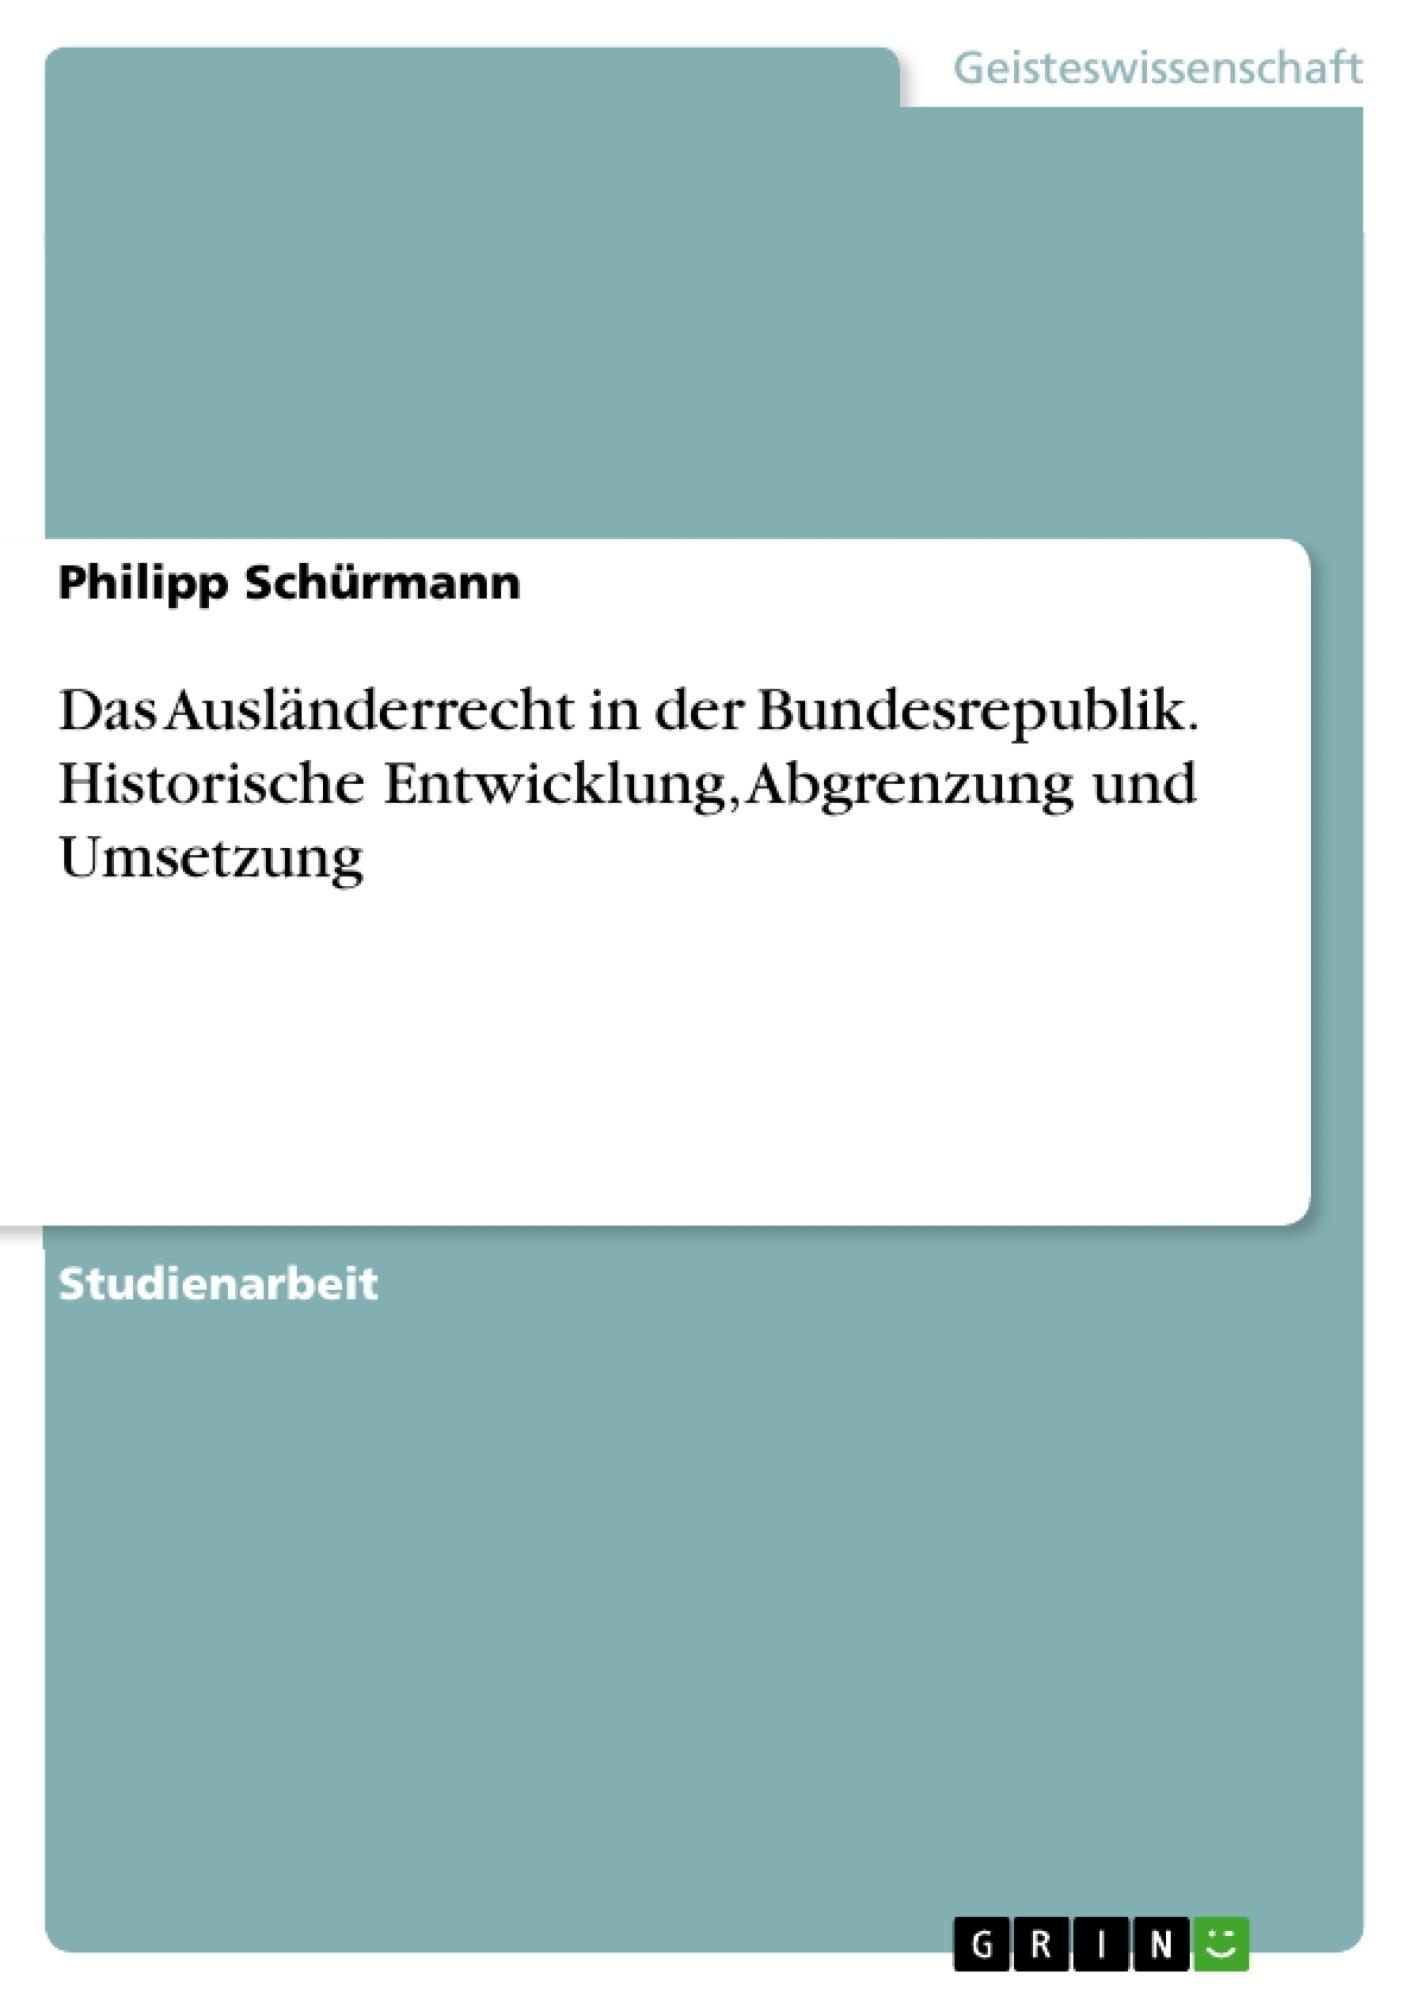 Titel: Das Ausländerrecht in der Bundesrepublik. Historische Entwicklung, Abgrenzung und Umsetzung